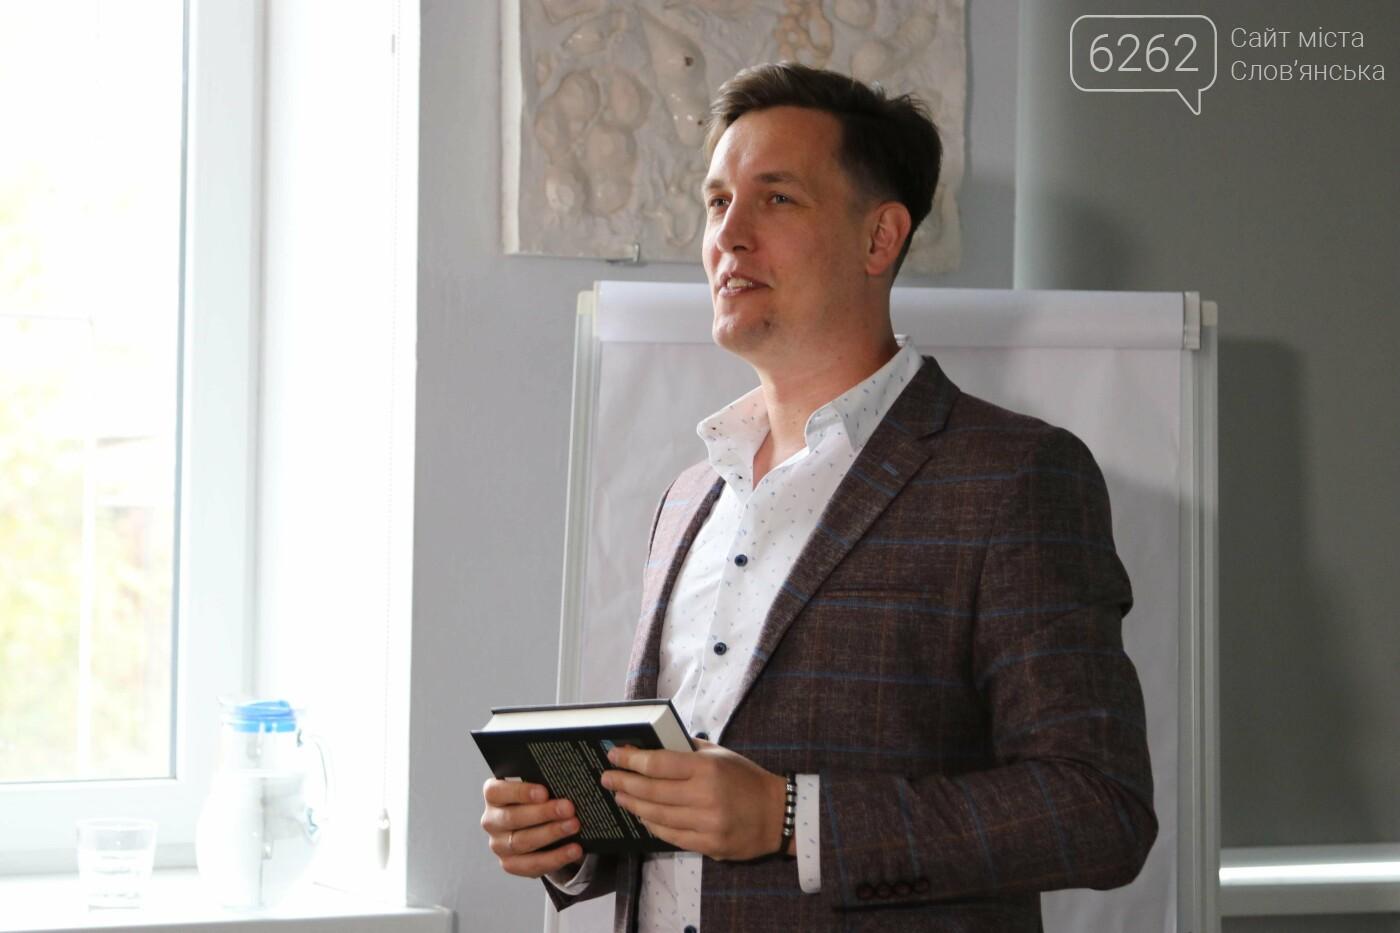 Макс Кідрук у Слов'янську. Як пройшла презентація книги з доповненою реальністю, фото-1